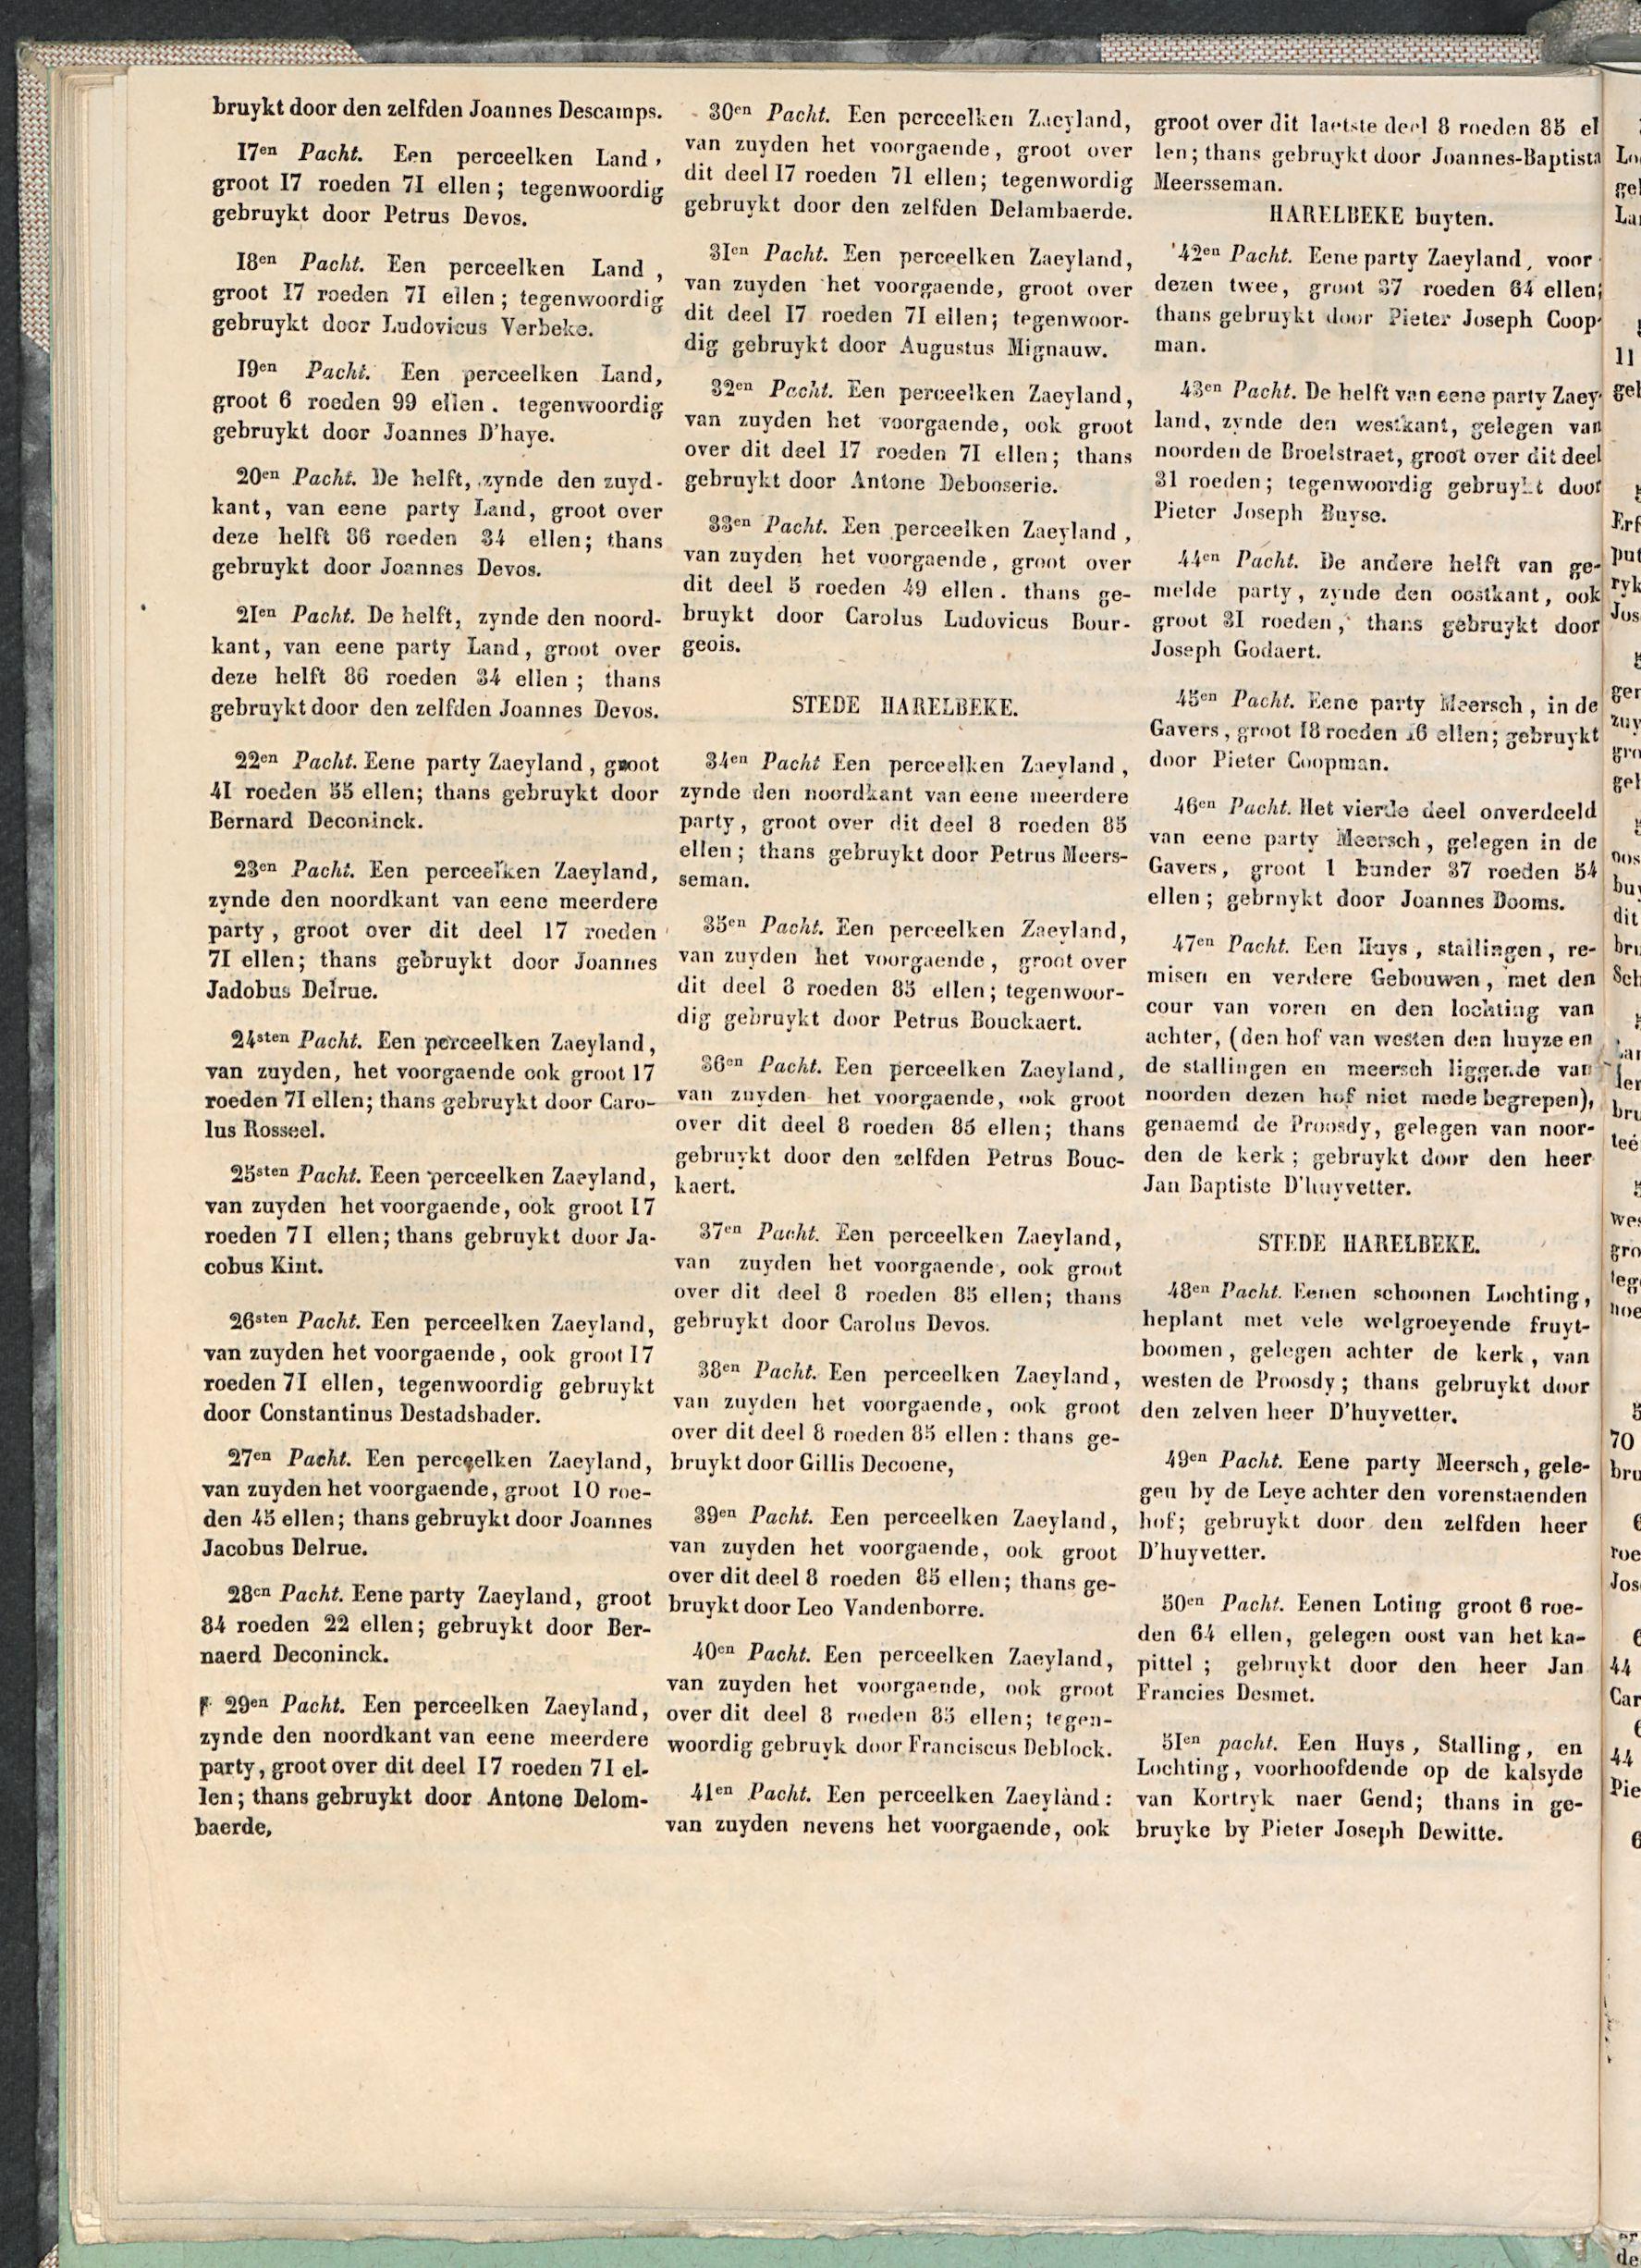 Petites Affiches De Courtrai 1835-11-09 p2